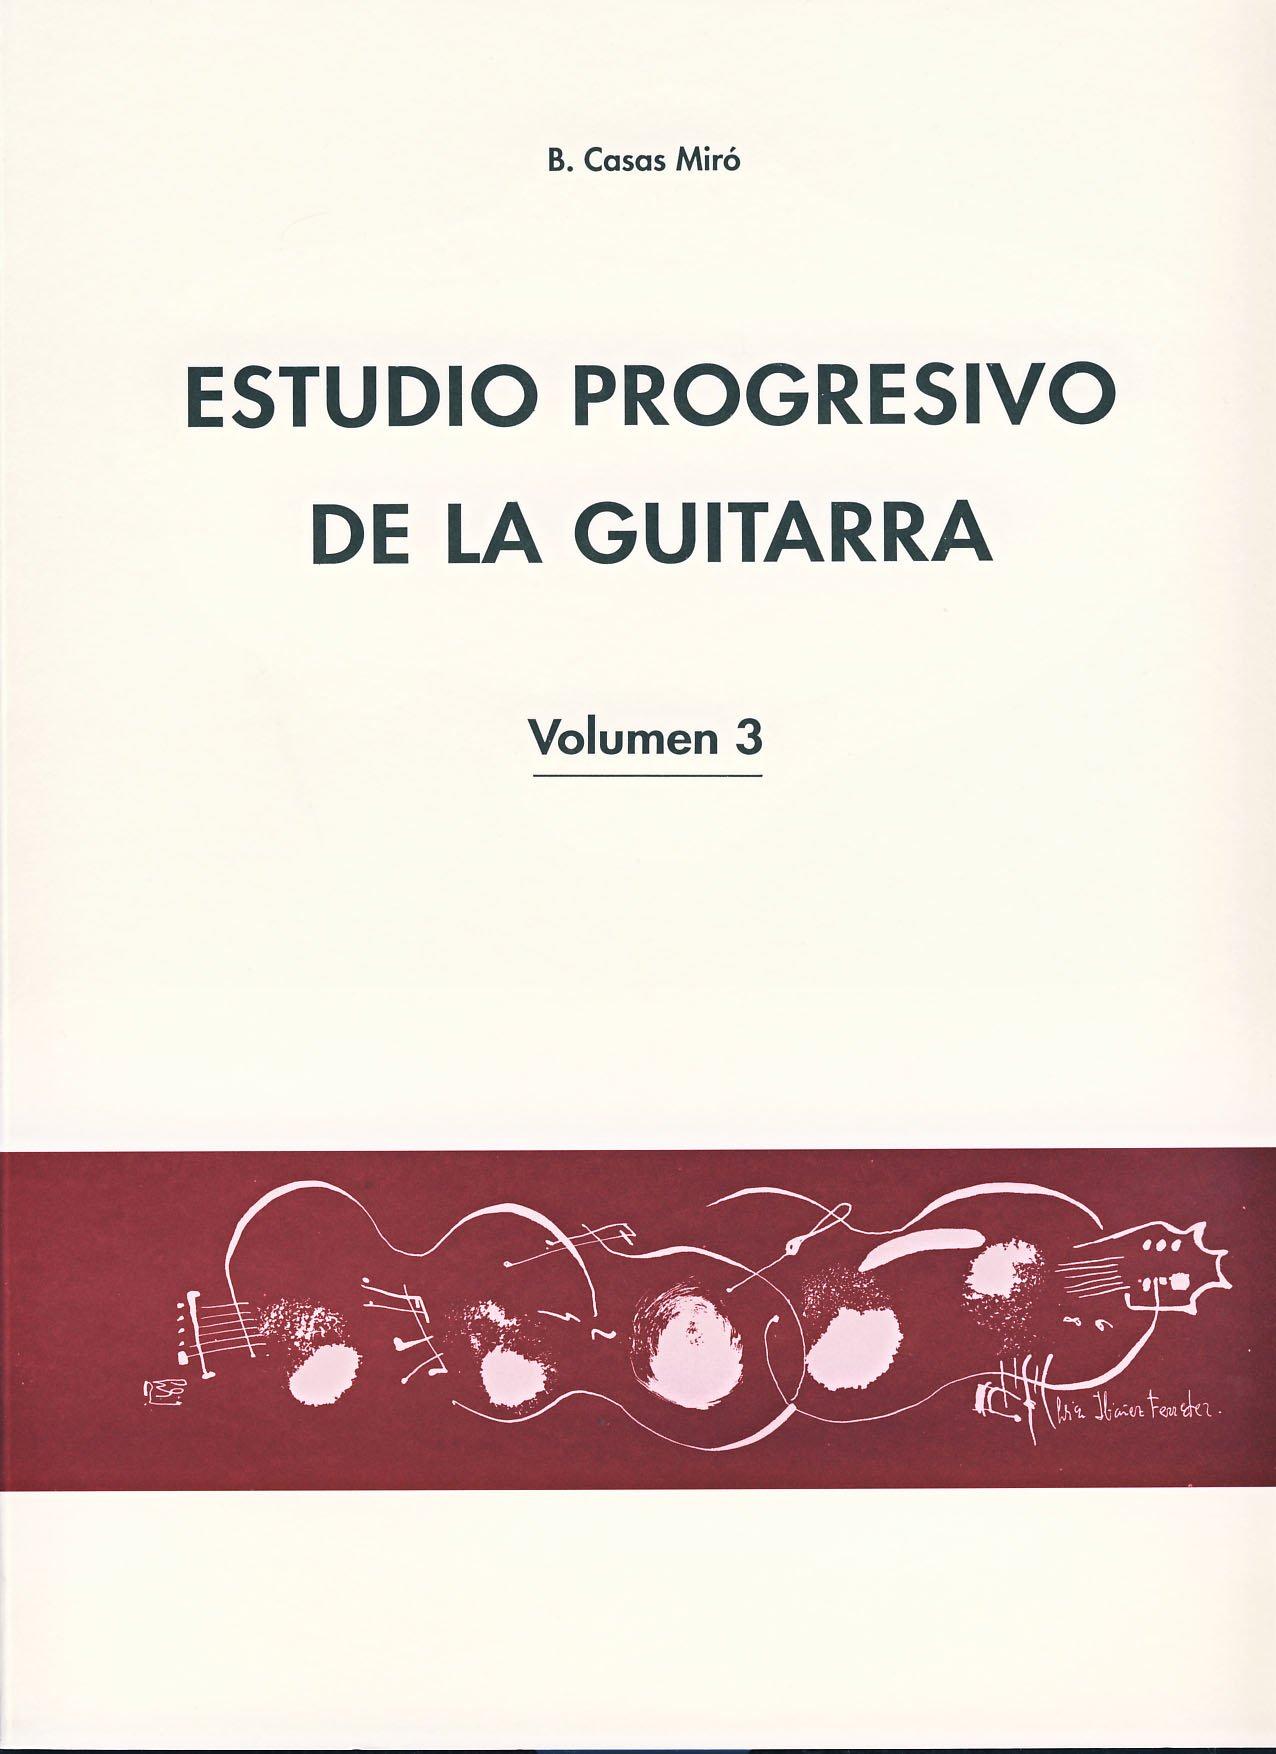 CASAS MIRO B. - Estudio Progresivo Vol.3 para Guitarra: Amazon.es ...